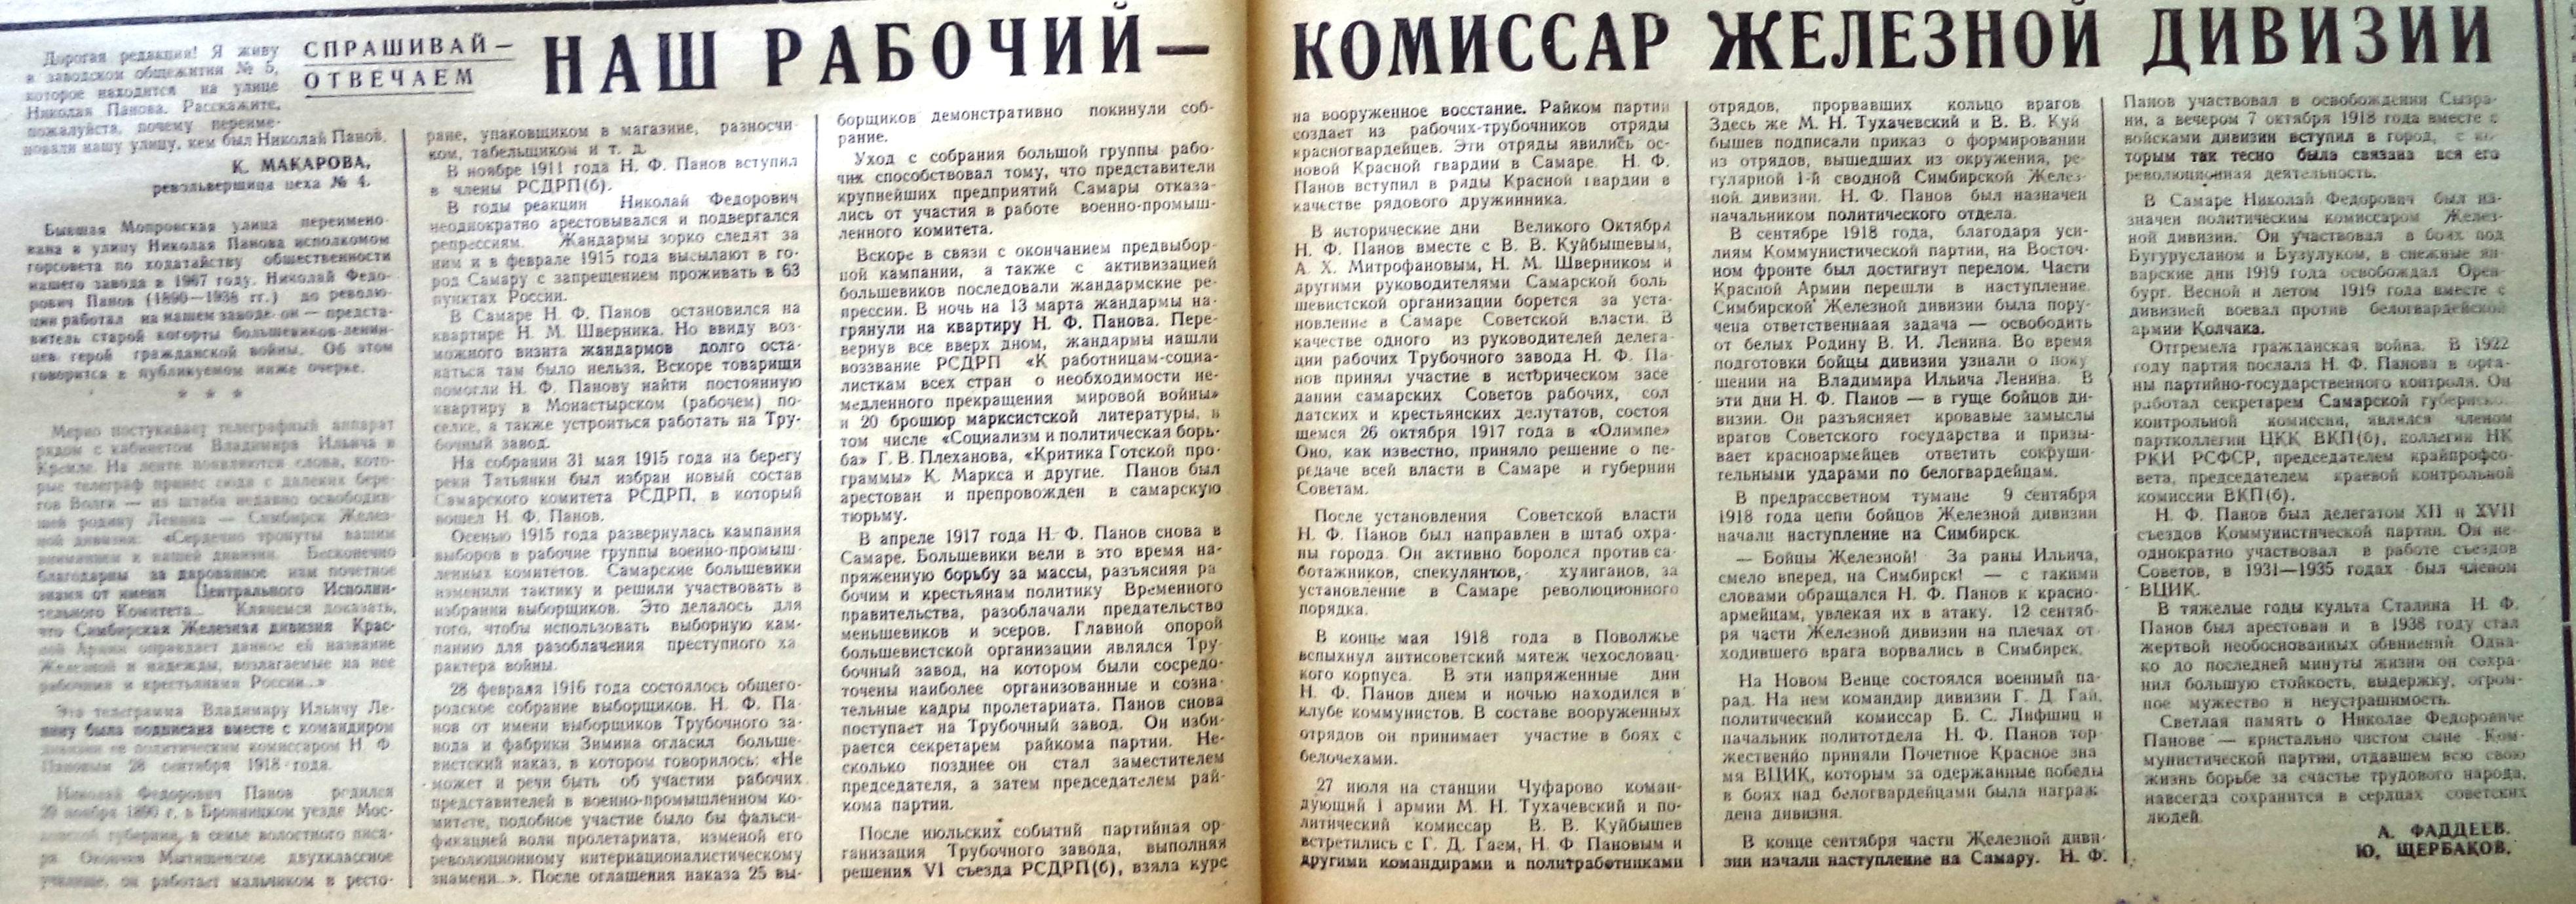 Николая Панова-ФОТО-02-Знамя Труда-1968-17 июля